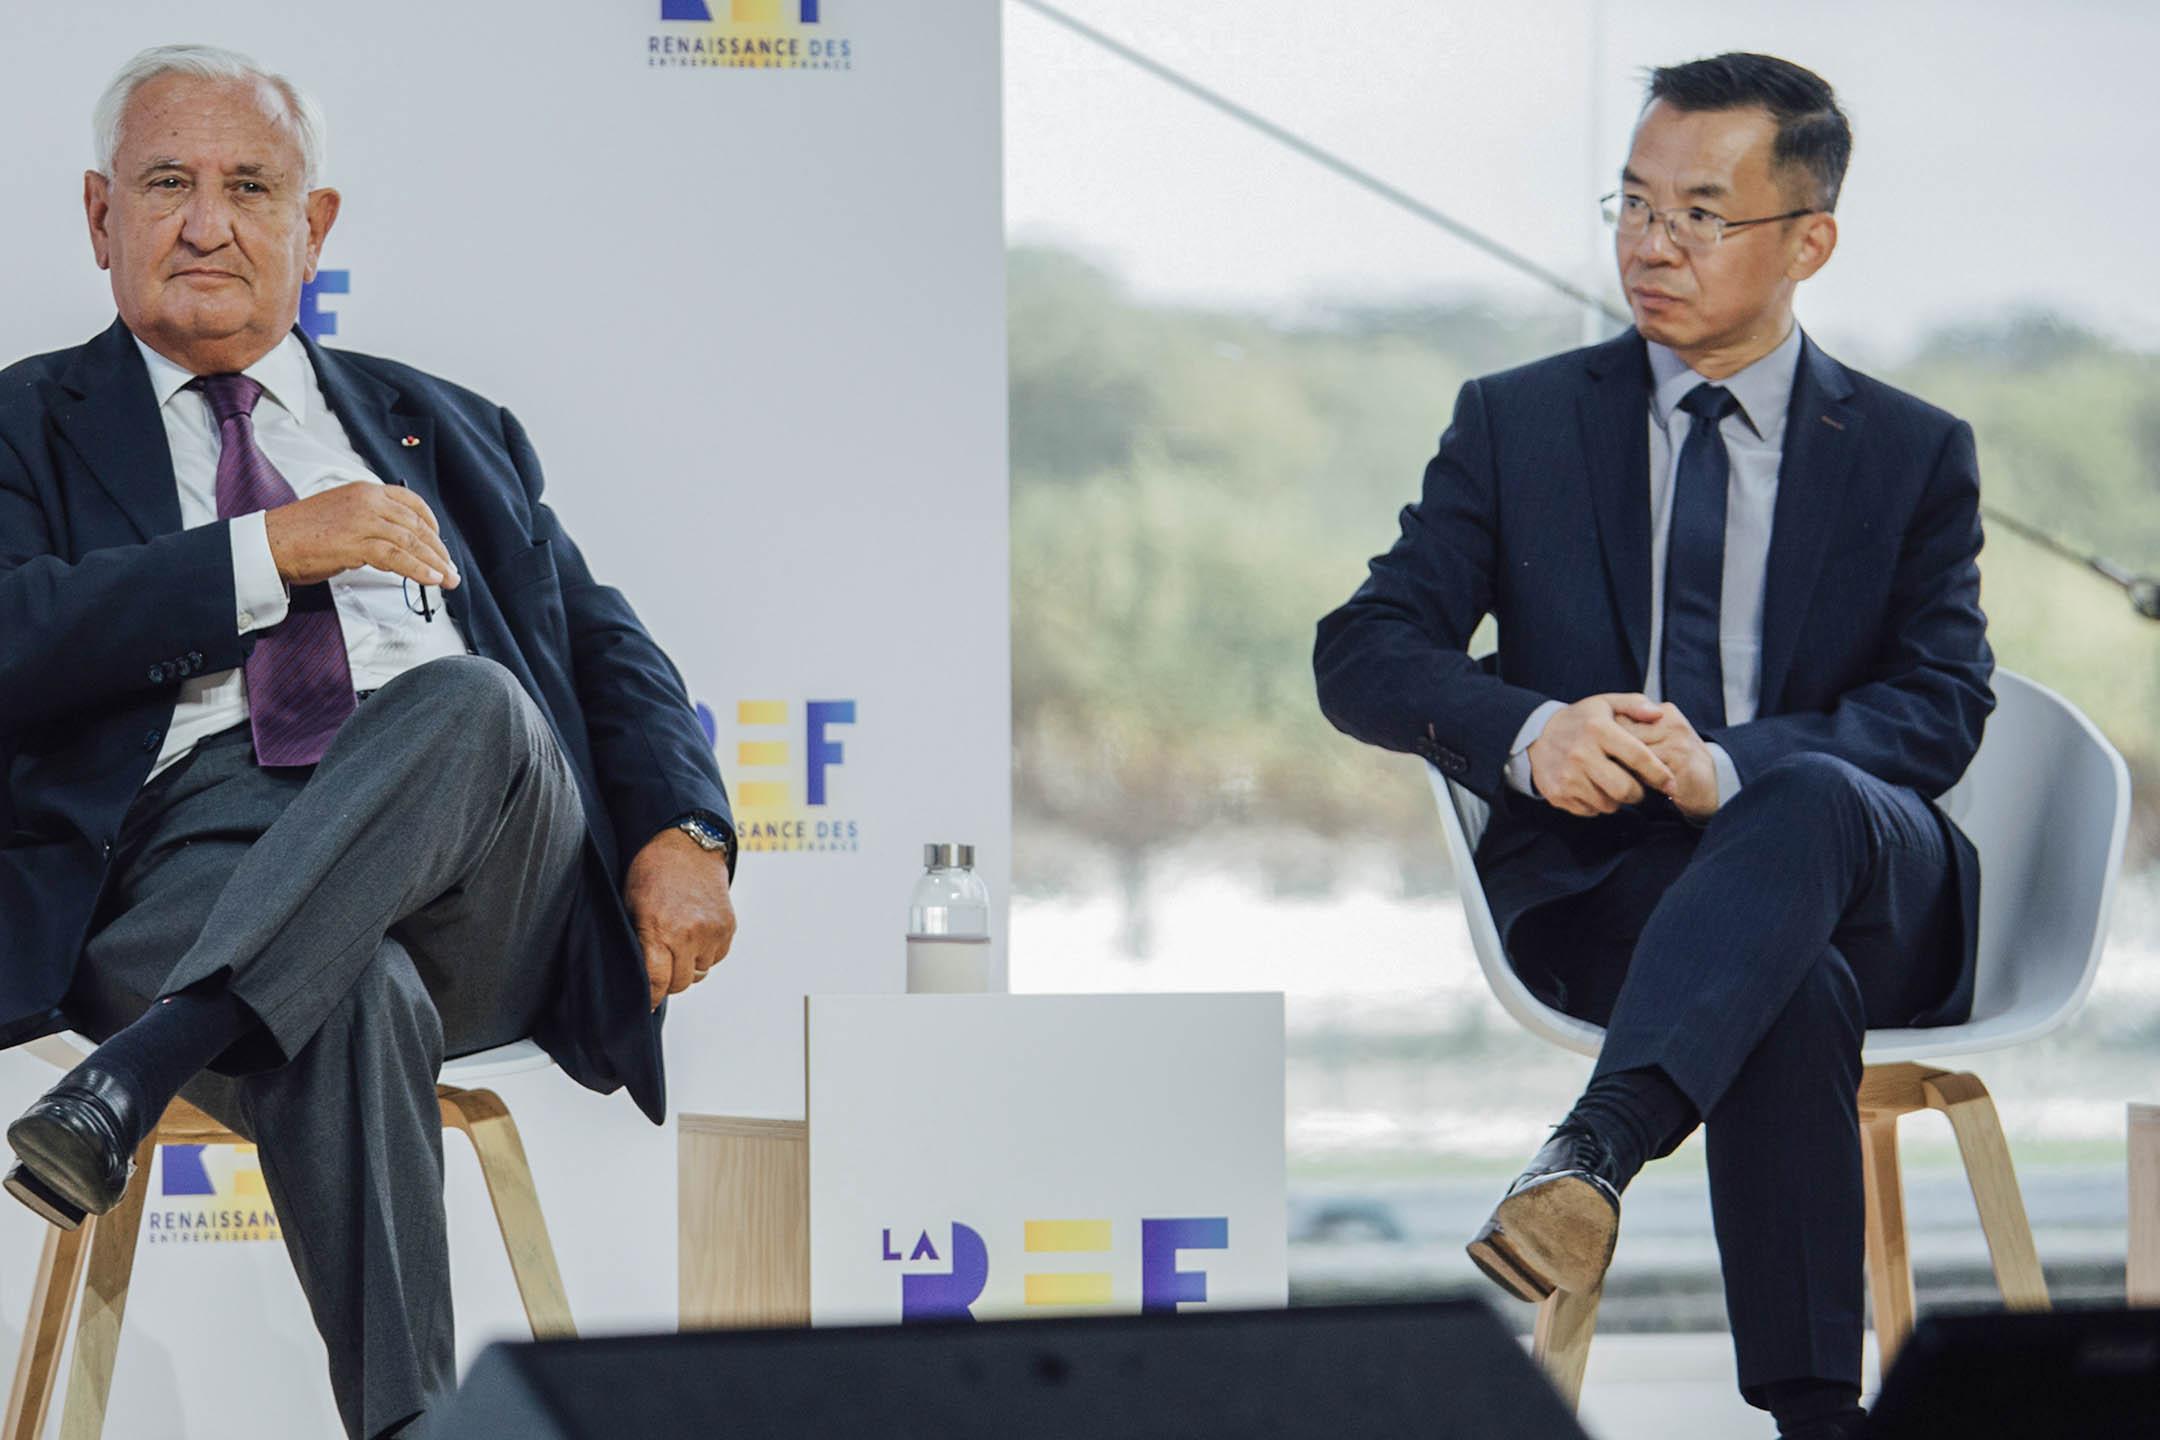 2020年8月26日法國巴黎,法國前總理尚比耶拉法蘭Jean-Pierre Raffarin(左)坐在中國駐法國大使盧沙野(Lu Shaye)旁邊。